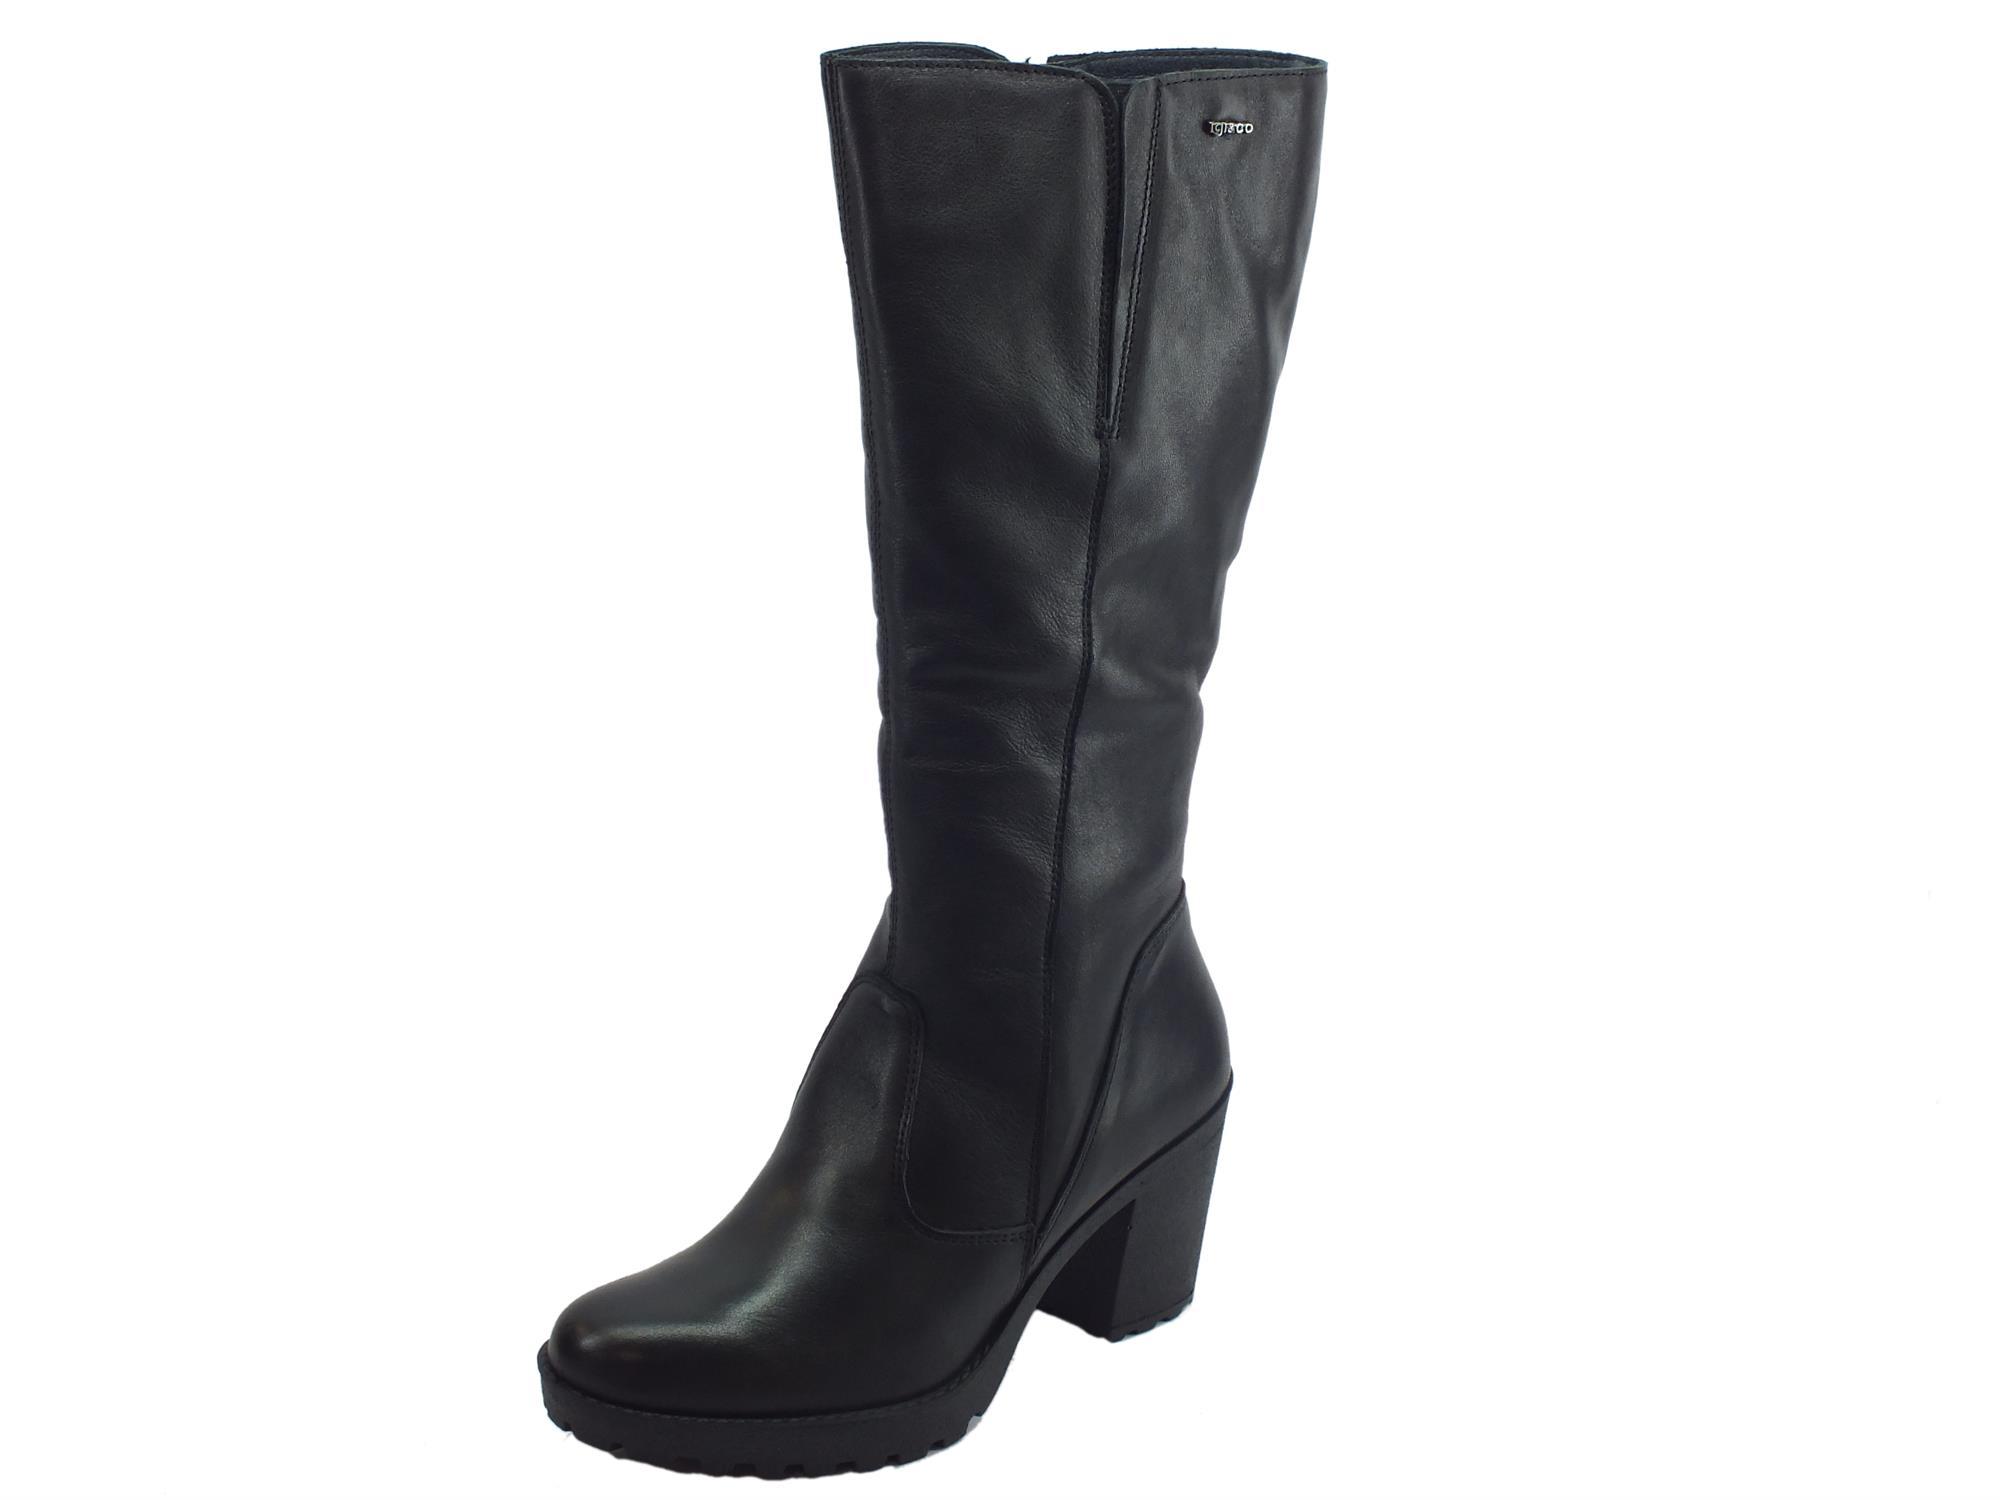 Stivali donna Igi Co pelle nera tacco alto - Vitiello Calzature 410327bf273